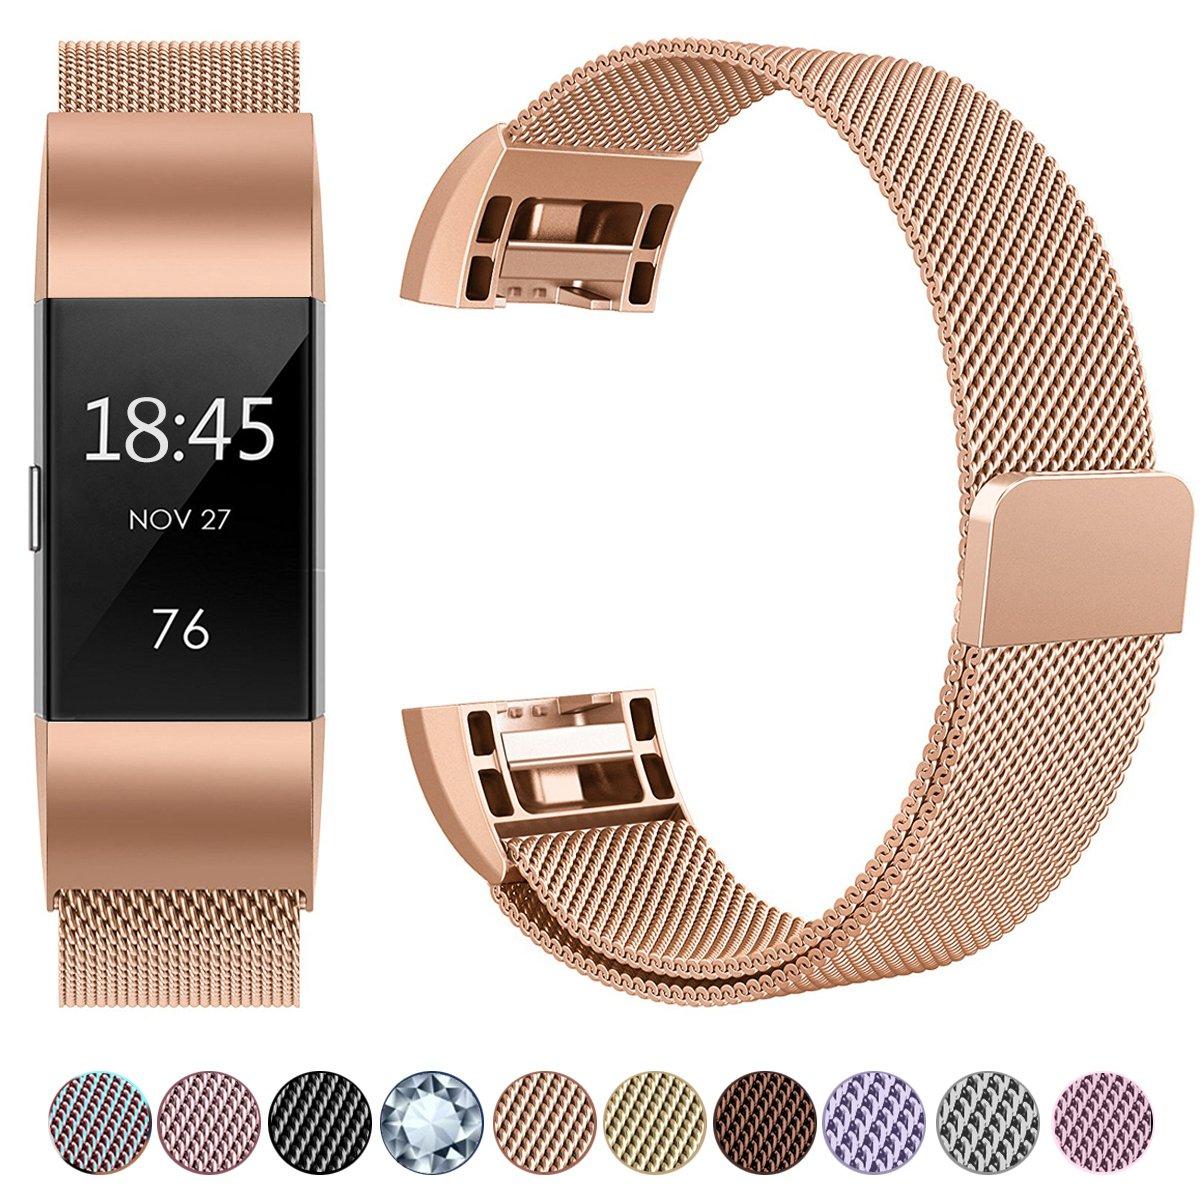 HUMENN Correa para Fitbit Charge 2, Milanés Loop Ajustable Pulsera de Acero Inoxidable Repuesto con Cierre Magnético para Fitbit Charge 2 (5.5-9.9 Pulgada) HUMENN Inc.